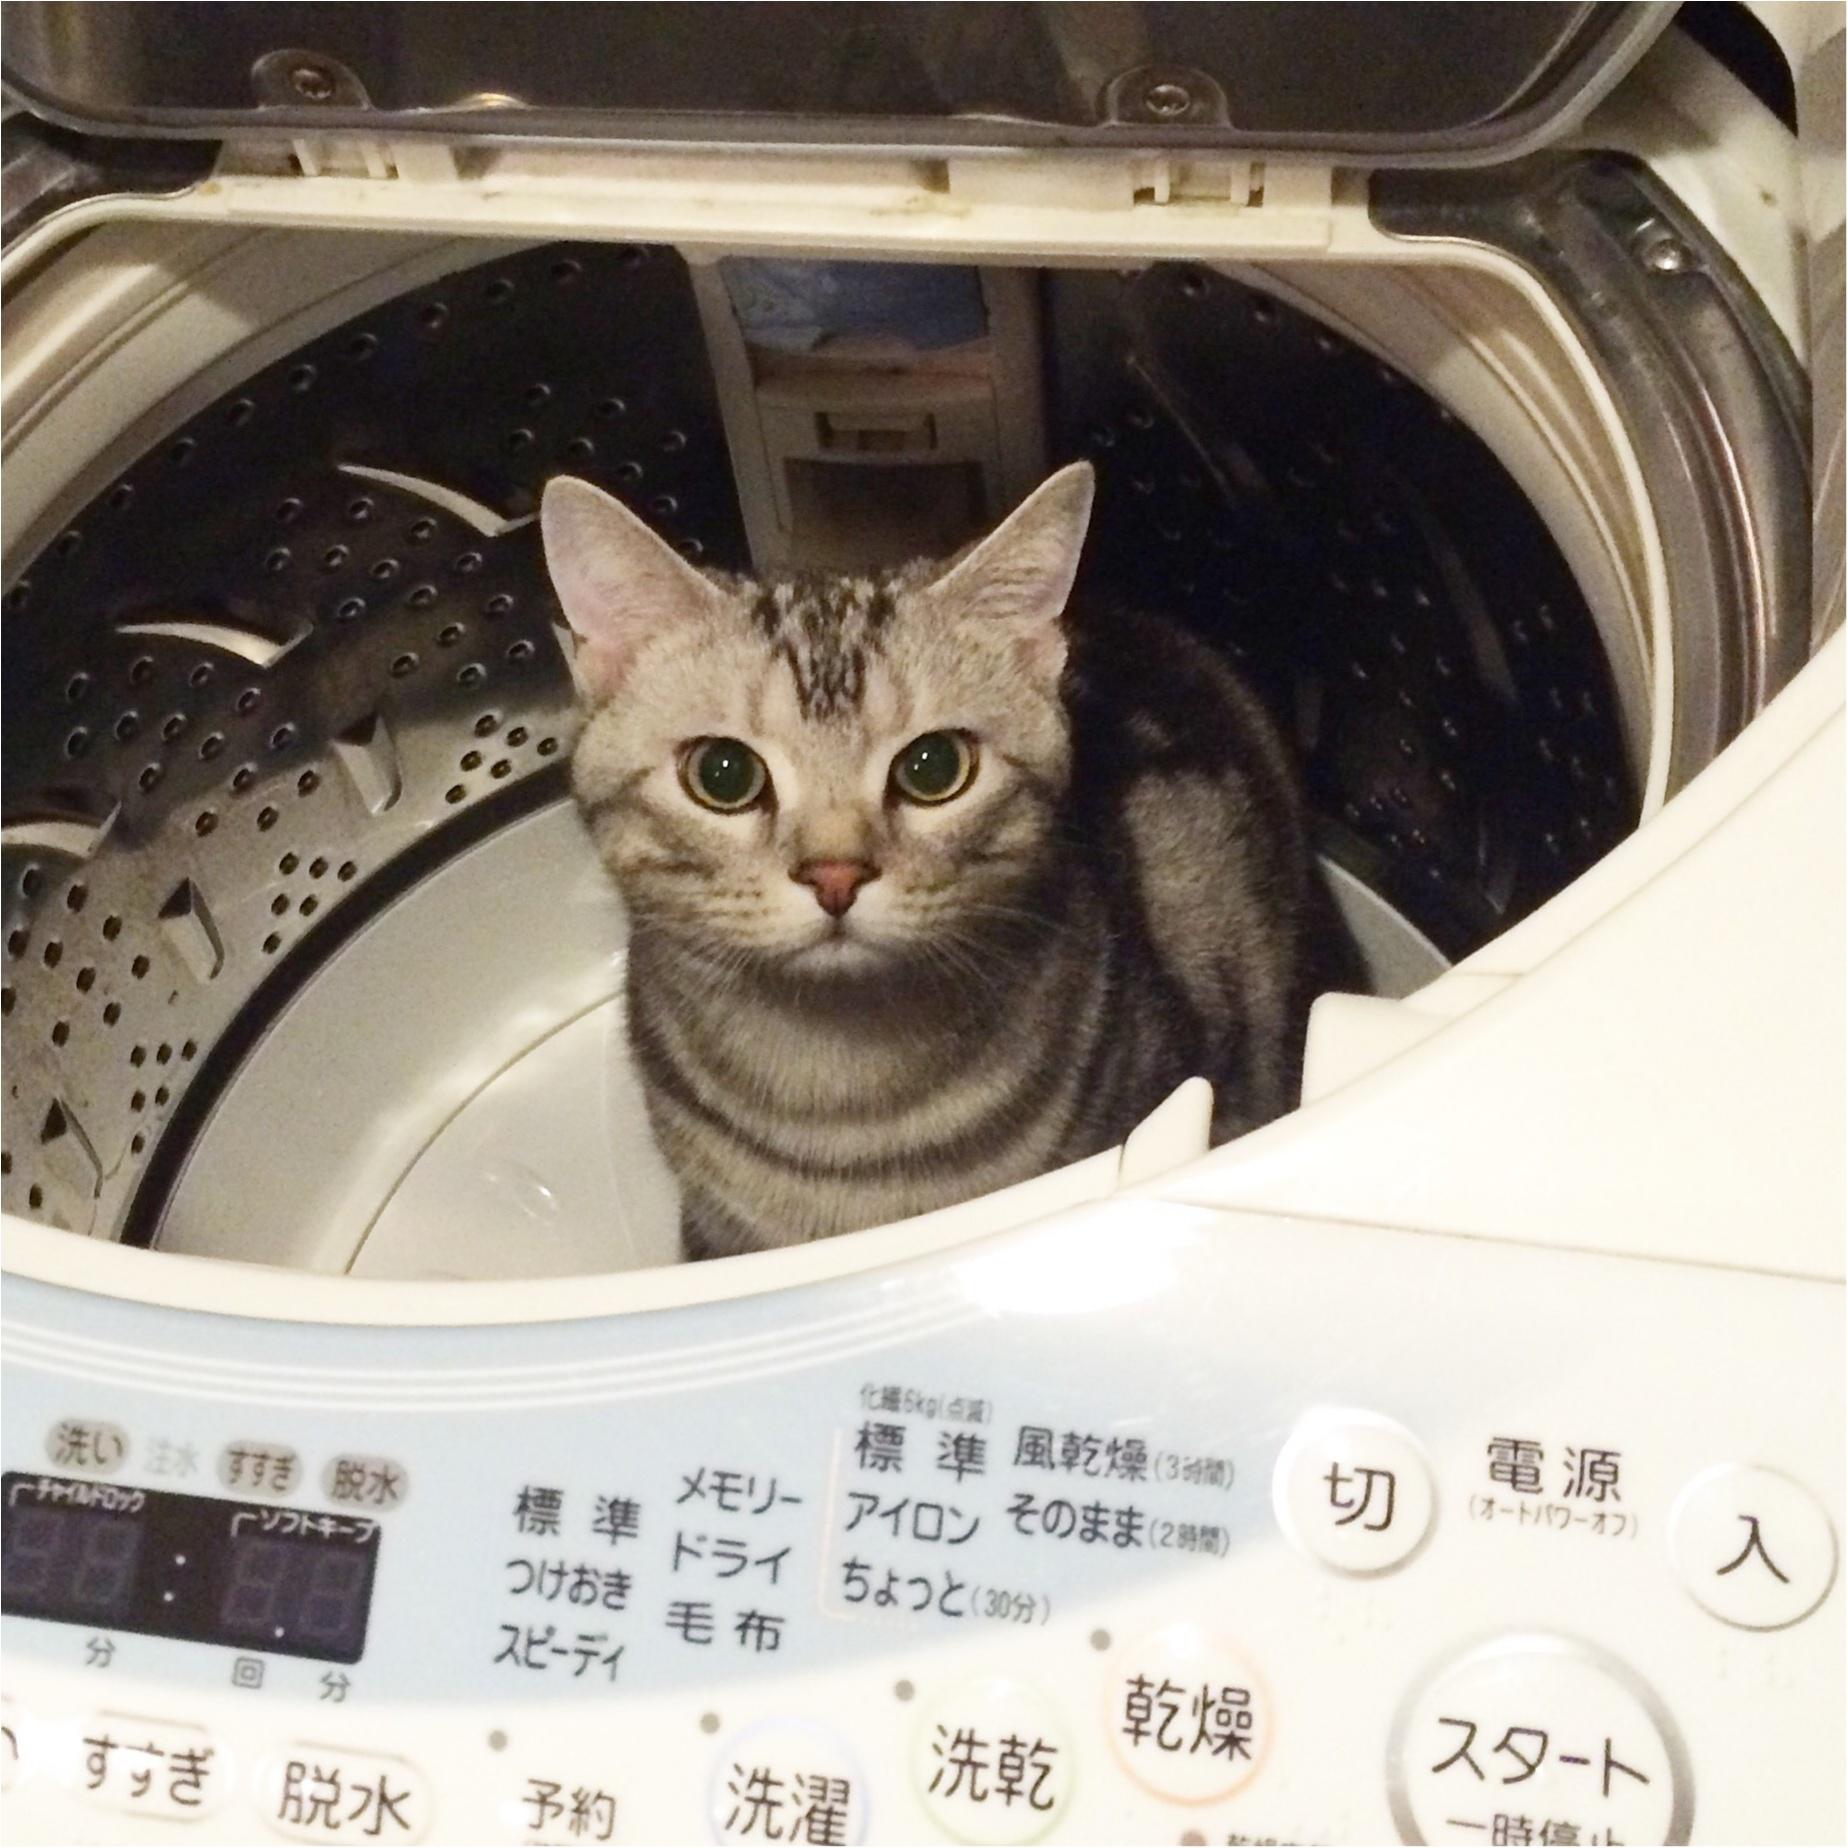 【今日のにゃんこ】ここなら安全!? アランくん、洗濯機に逃げ込むの巻_1